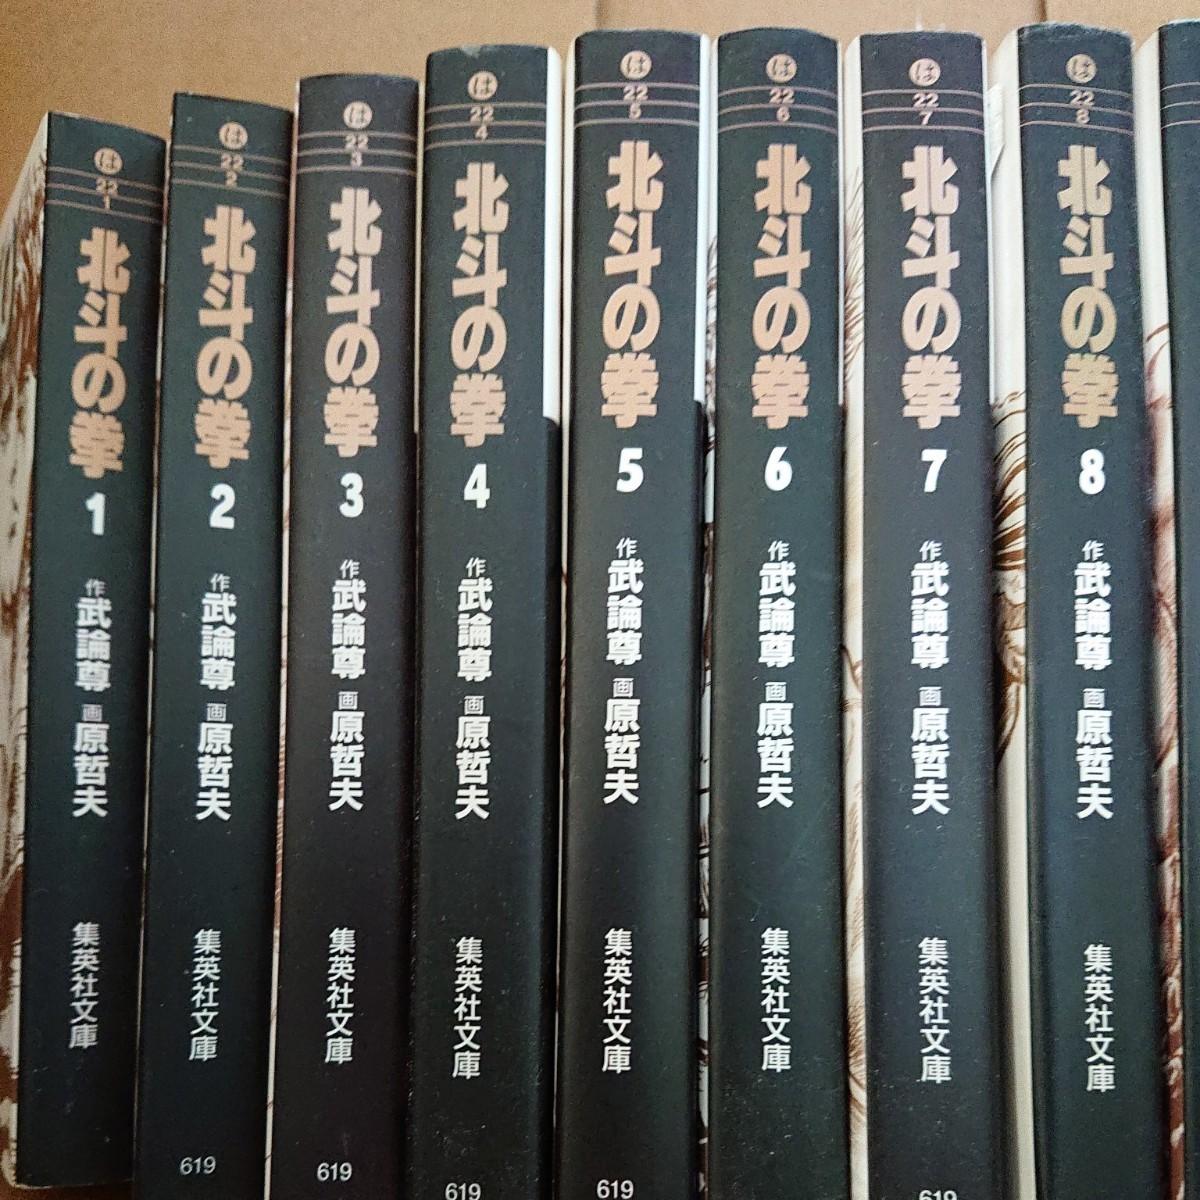 北斗の拳 コミック 文庫 全15巻 武論尊 原哲夫  集英社